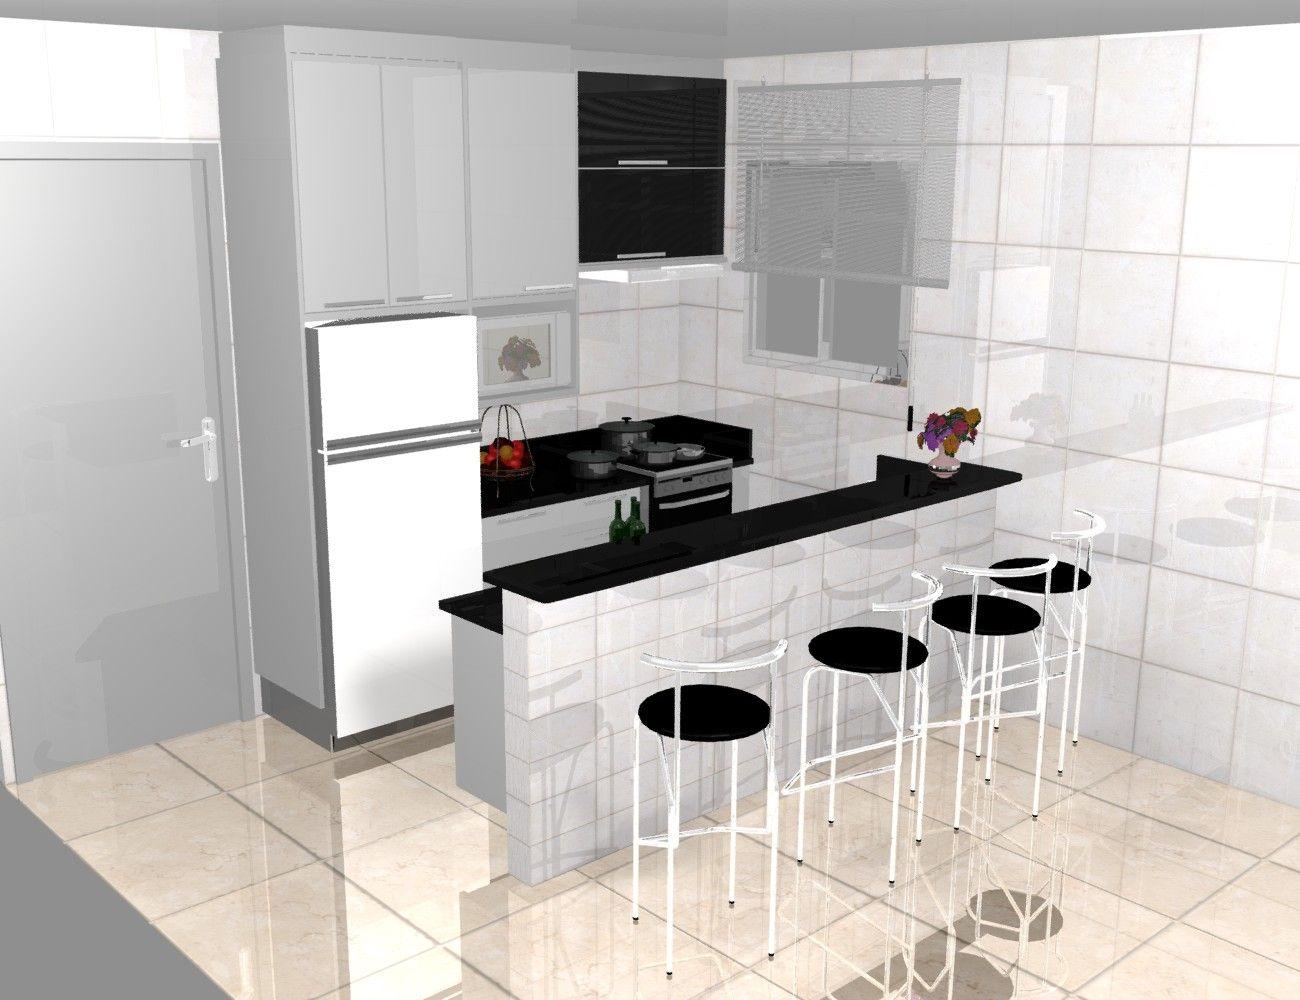 Cozinhas Simples E Bonita Cozinhas Planejadas Cozinhas Pequenas